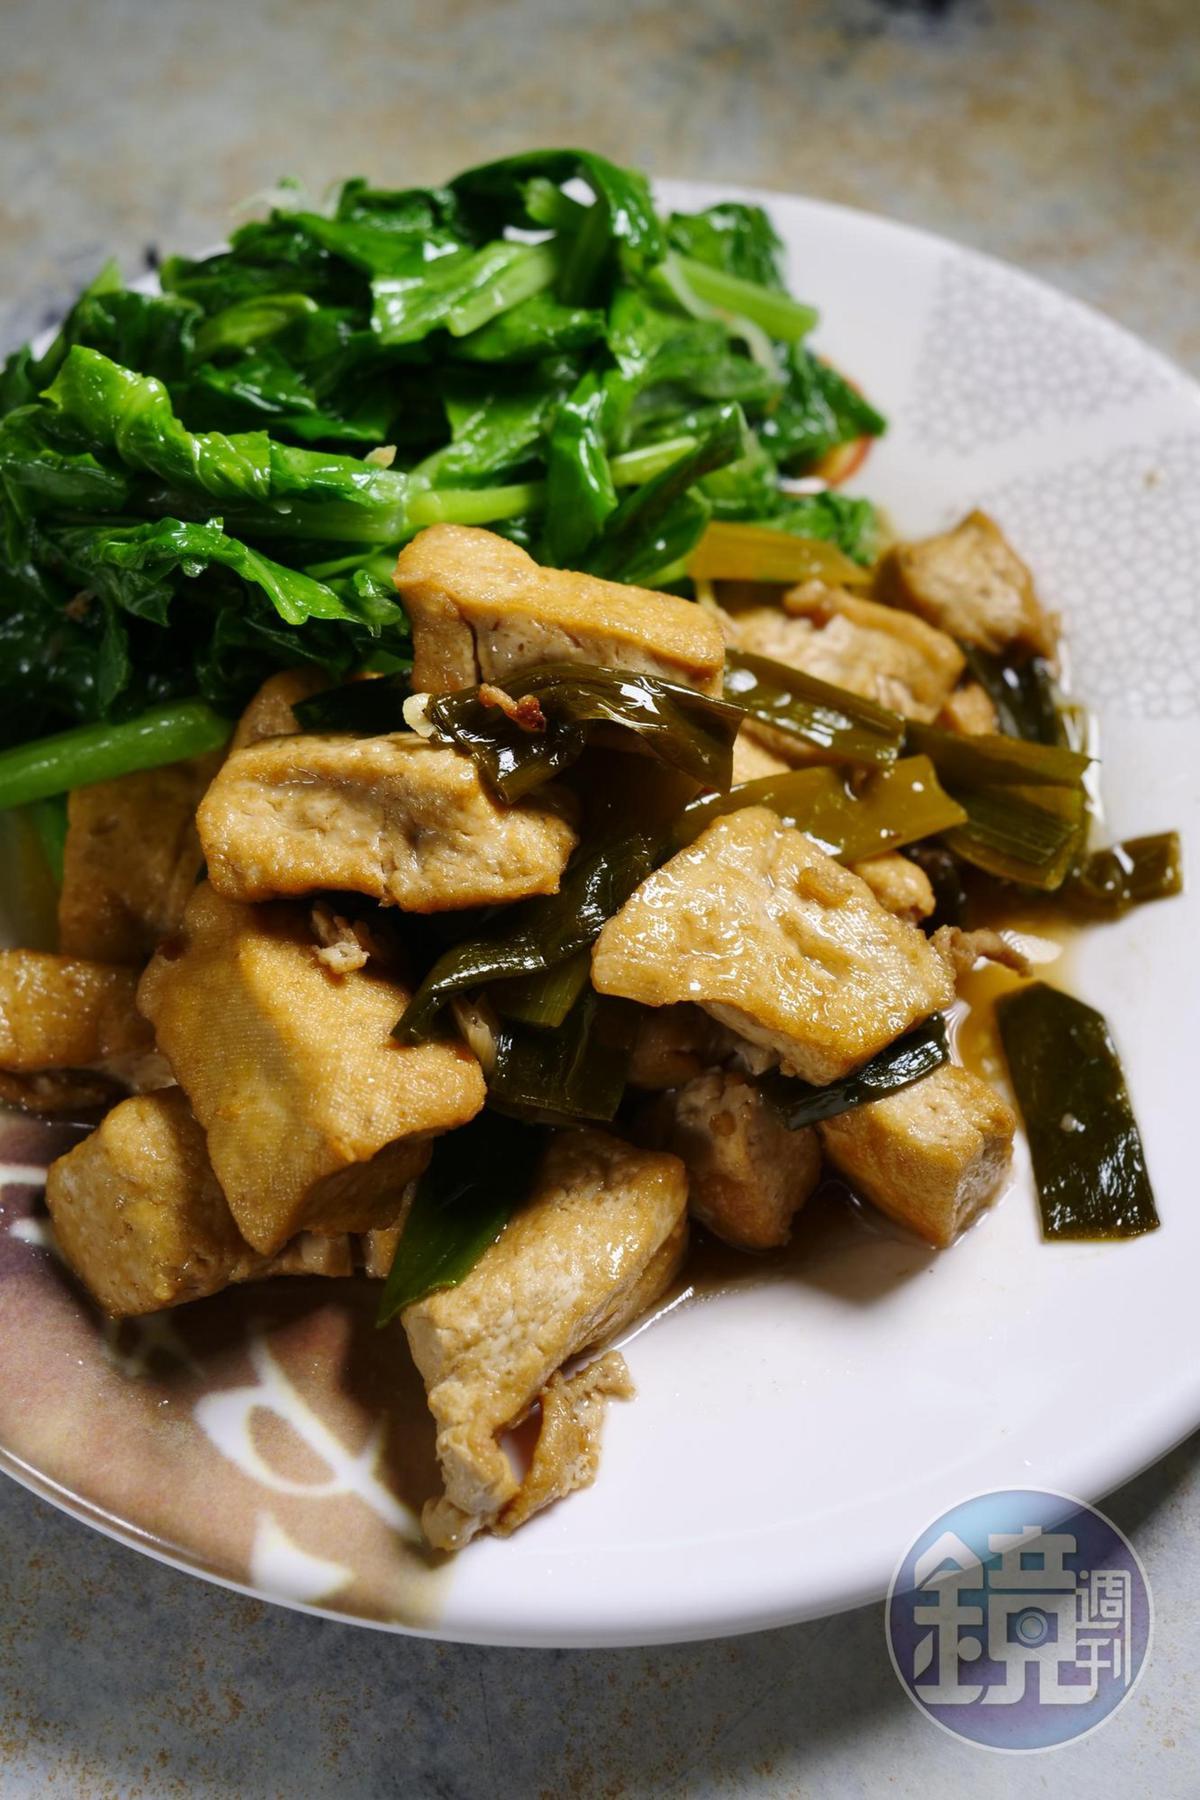 滷豆干和白芥藍菜都是台南餐桌上的常客。